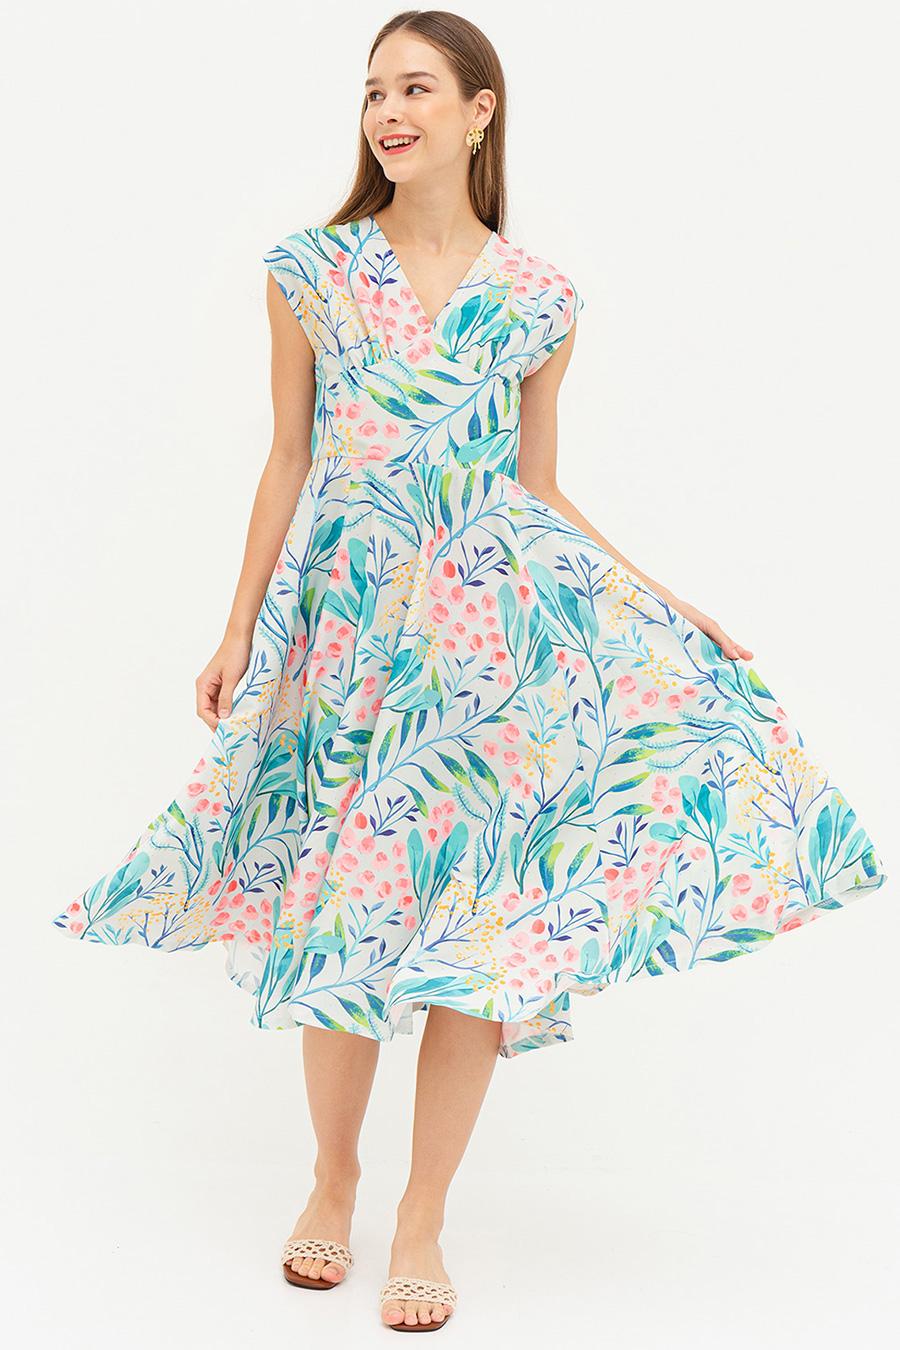 *RESTOCKED* MAGDA DRESS - ASAGO [BY MODPARADE]